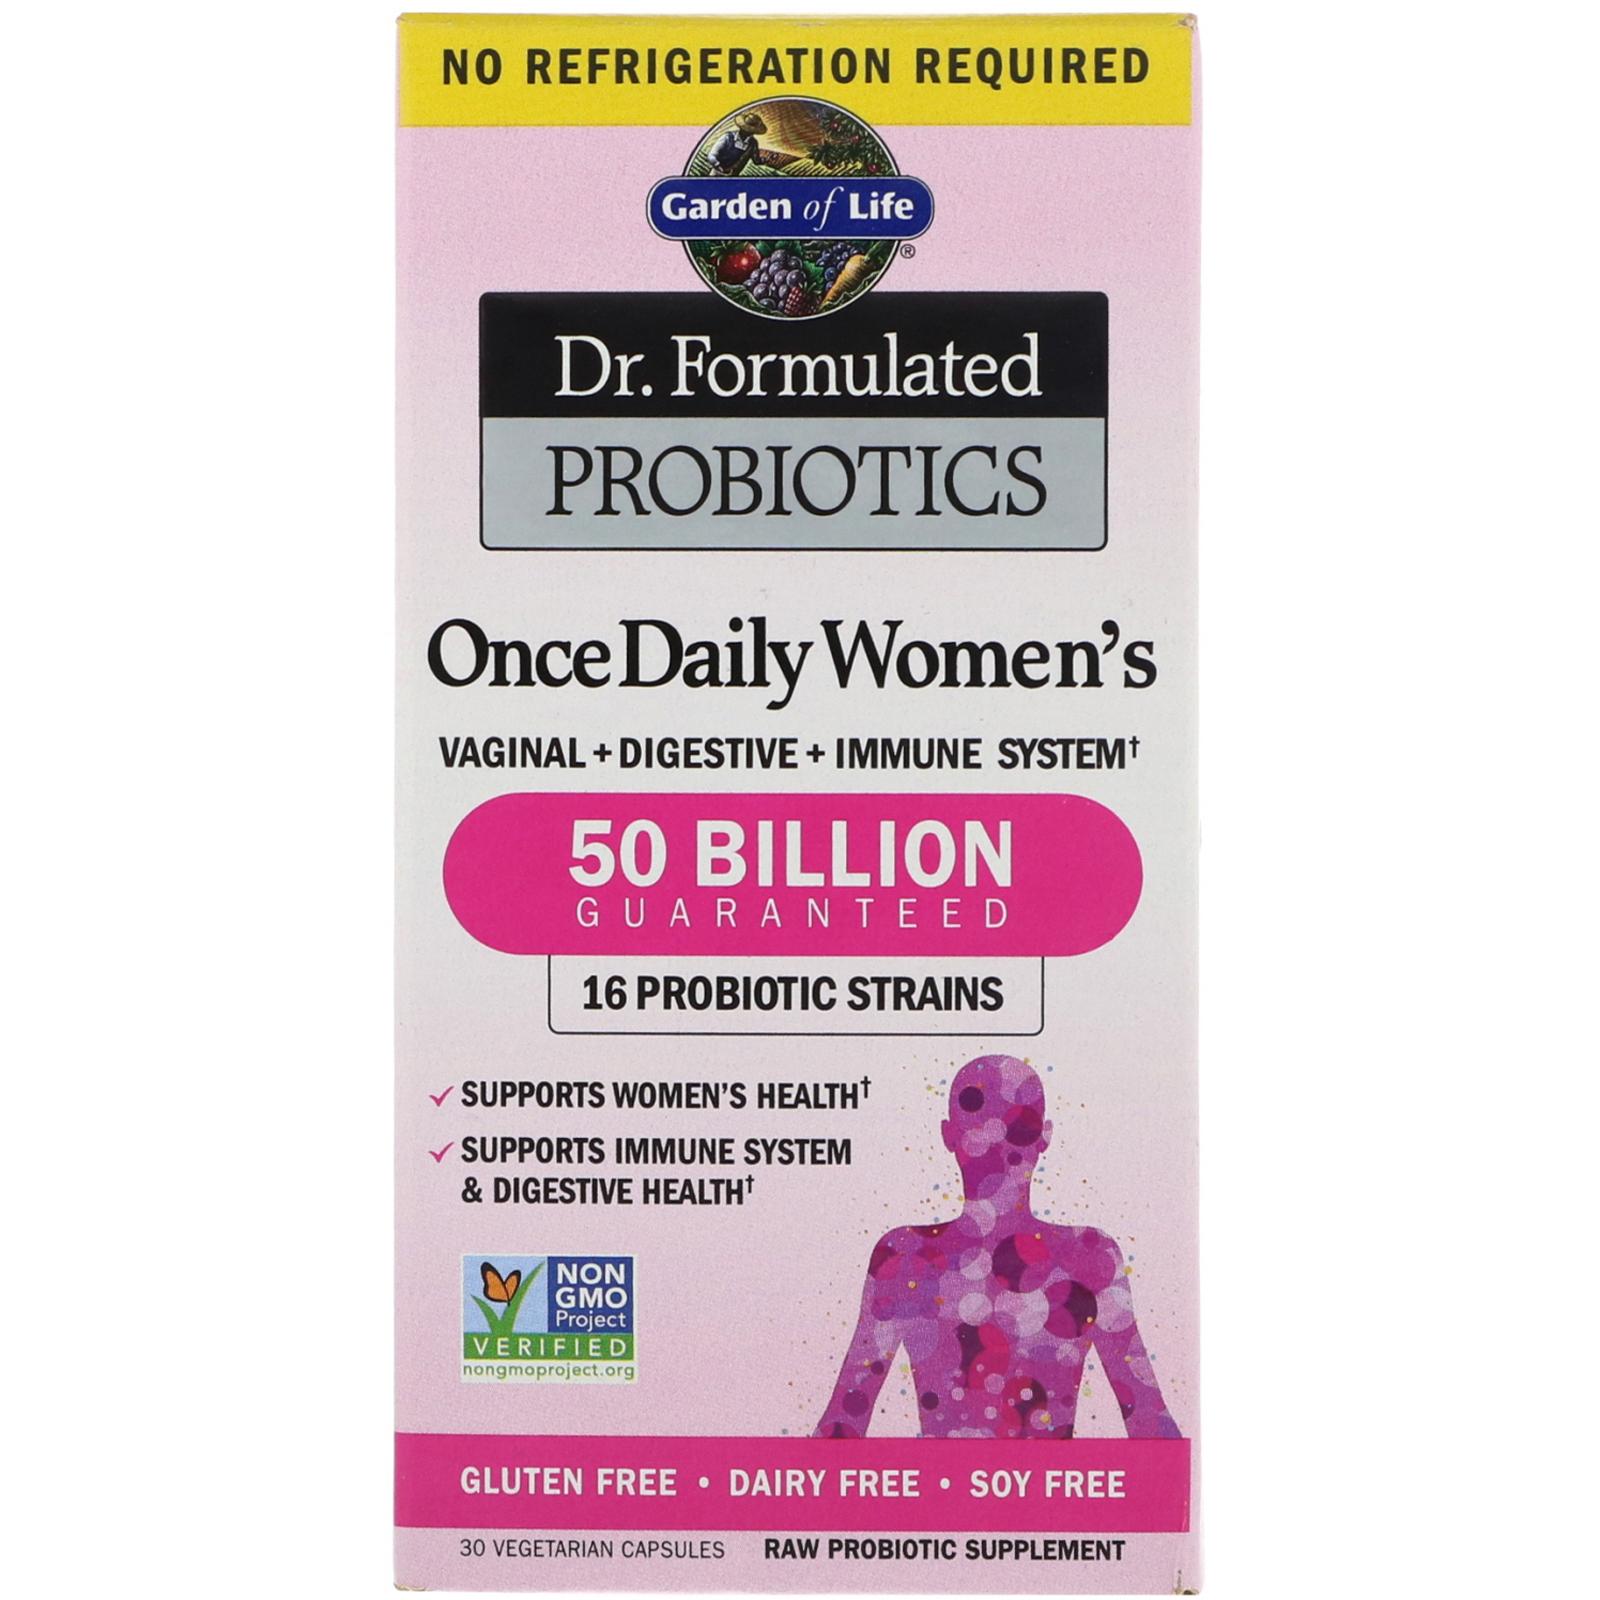 افضل 8 مكملات غذائية للنساء أفضل المكملات الغذائية للنساء أفضل المكملات الغذائية للرجال أفضل مكمل غذائي للنساء بعد الأربعين اسماء المكملات الغذائية أفضل المكملات الغذائية الطبيعية أفضل مكمل غذائي فيتامينات ومعادن افضل فيتامين للجسم من الصيدلية للنساء فوائد المكملات الغذائية